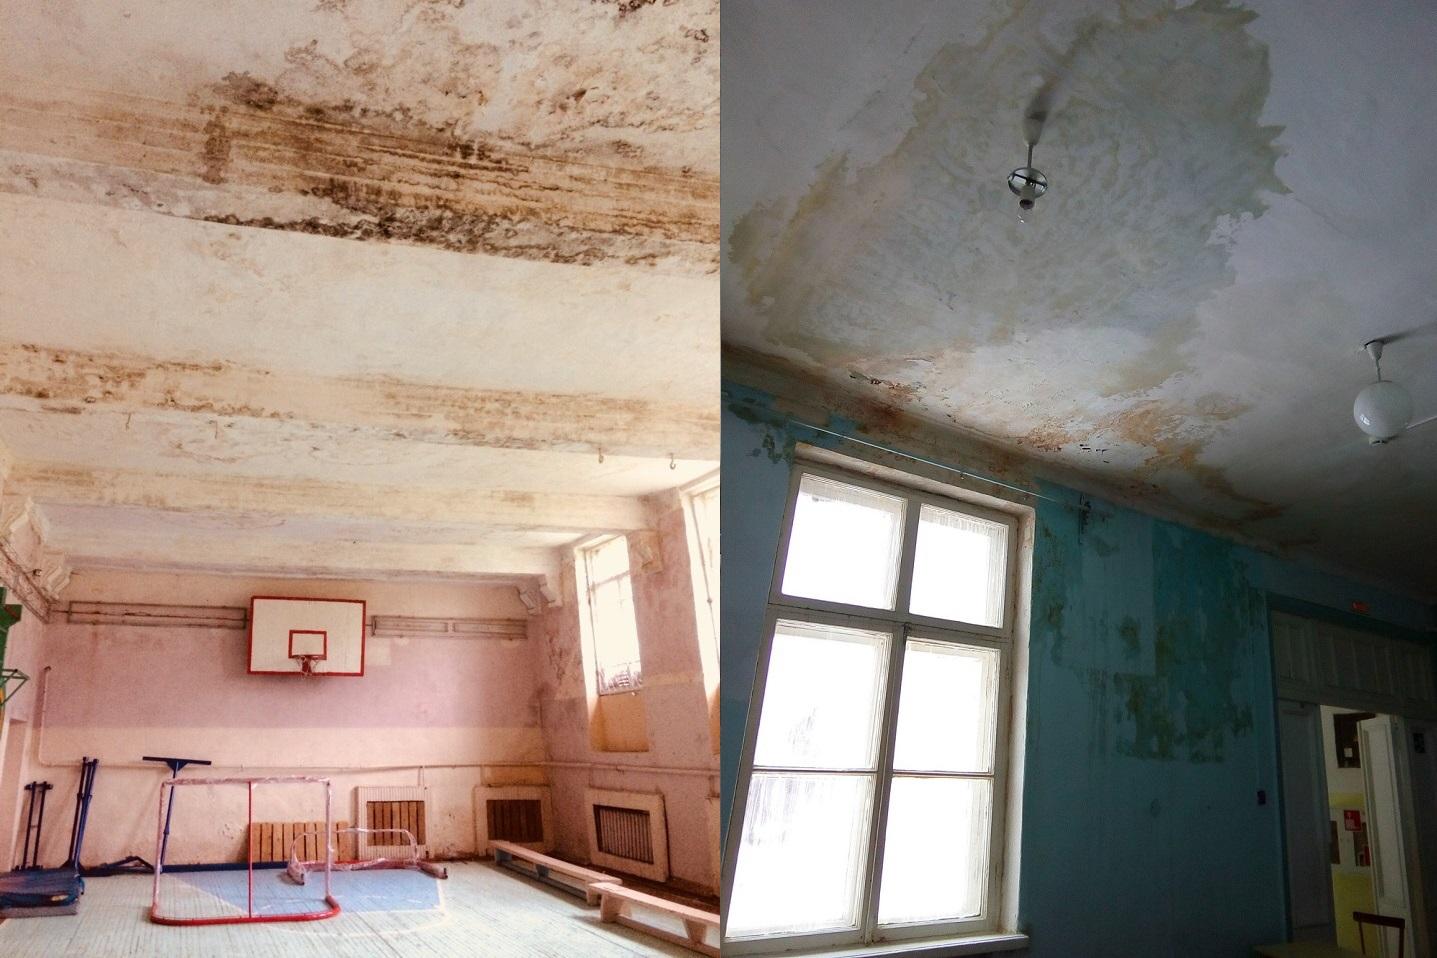 Капитальный ремонт крыши в школе